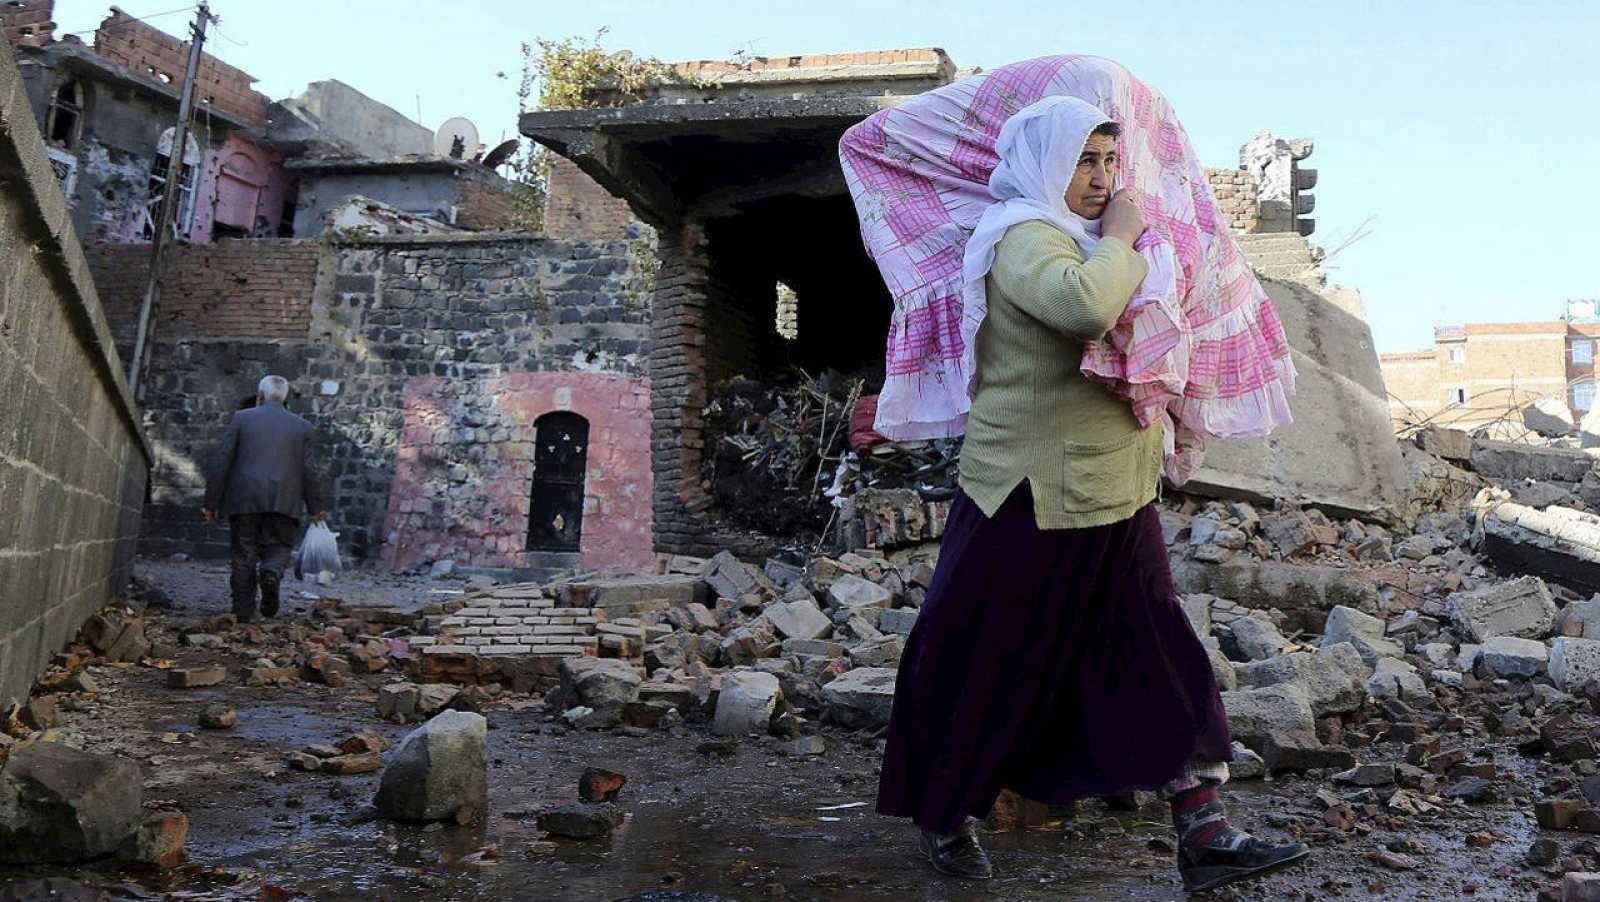 Residentes huyen de sus casas por los enfrentamientos entre el Ejército y militantes del PKK en Diyarbakir, sur de Turquía, el 14 de diciembre EFE